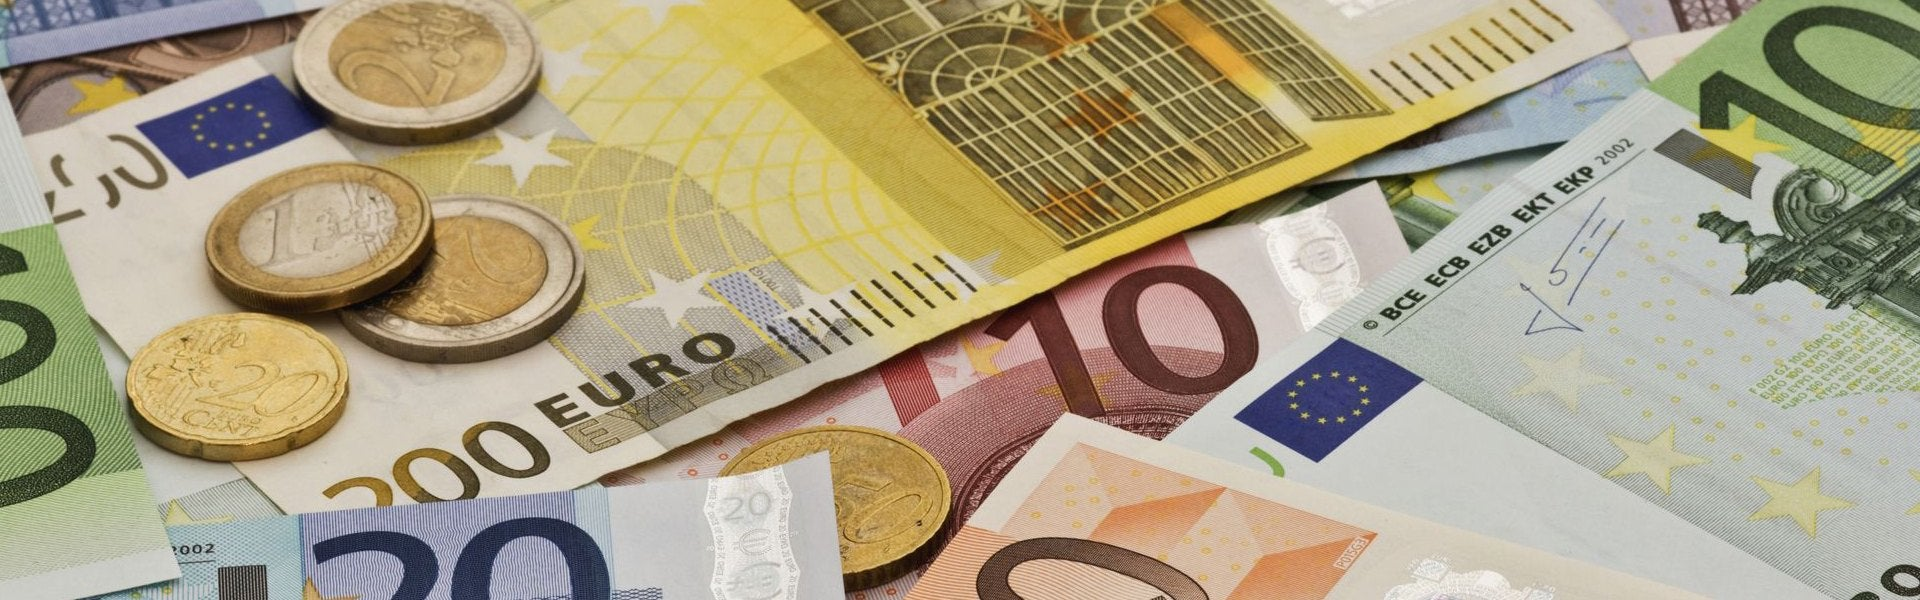 Afbeelding van enkele papieren geldbiljetten en munten.